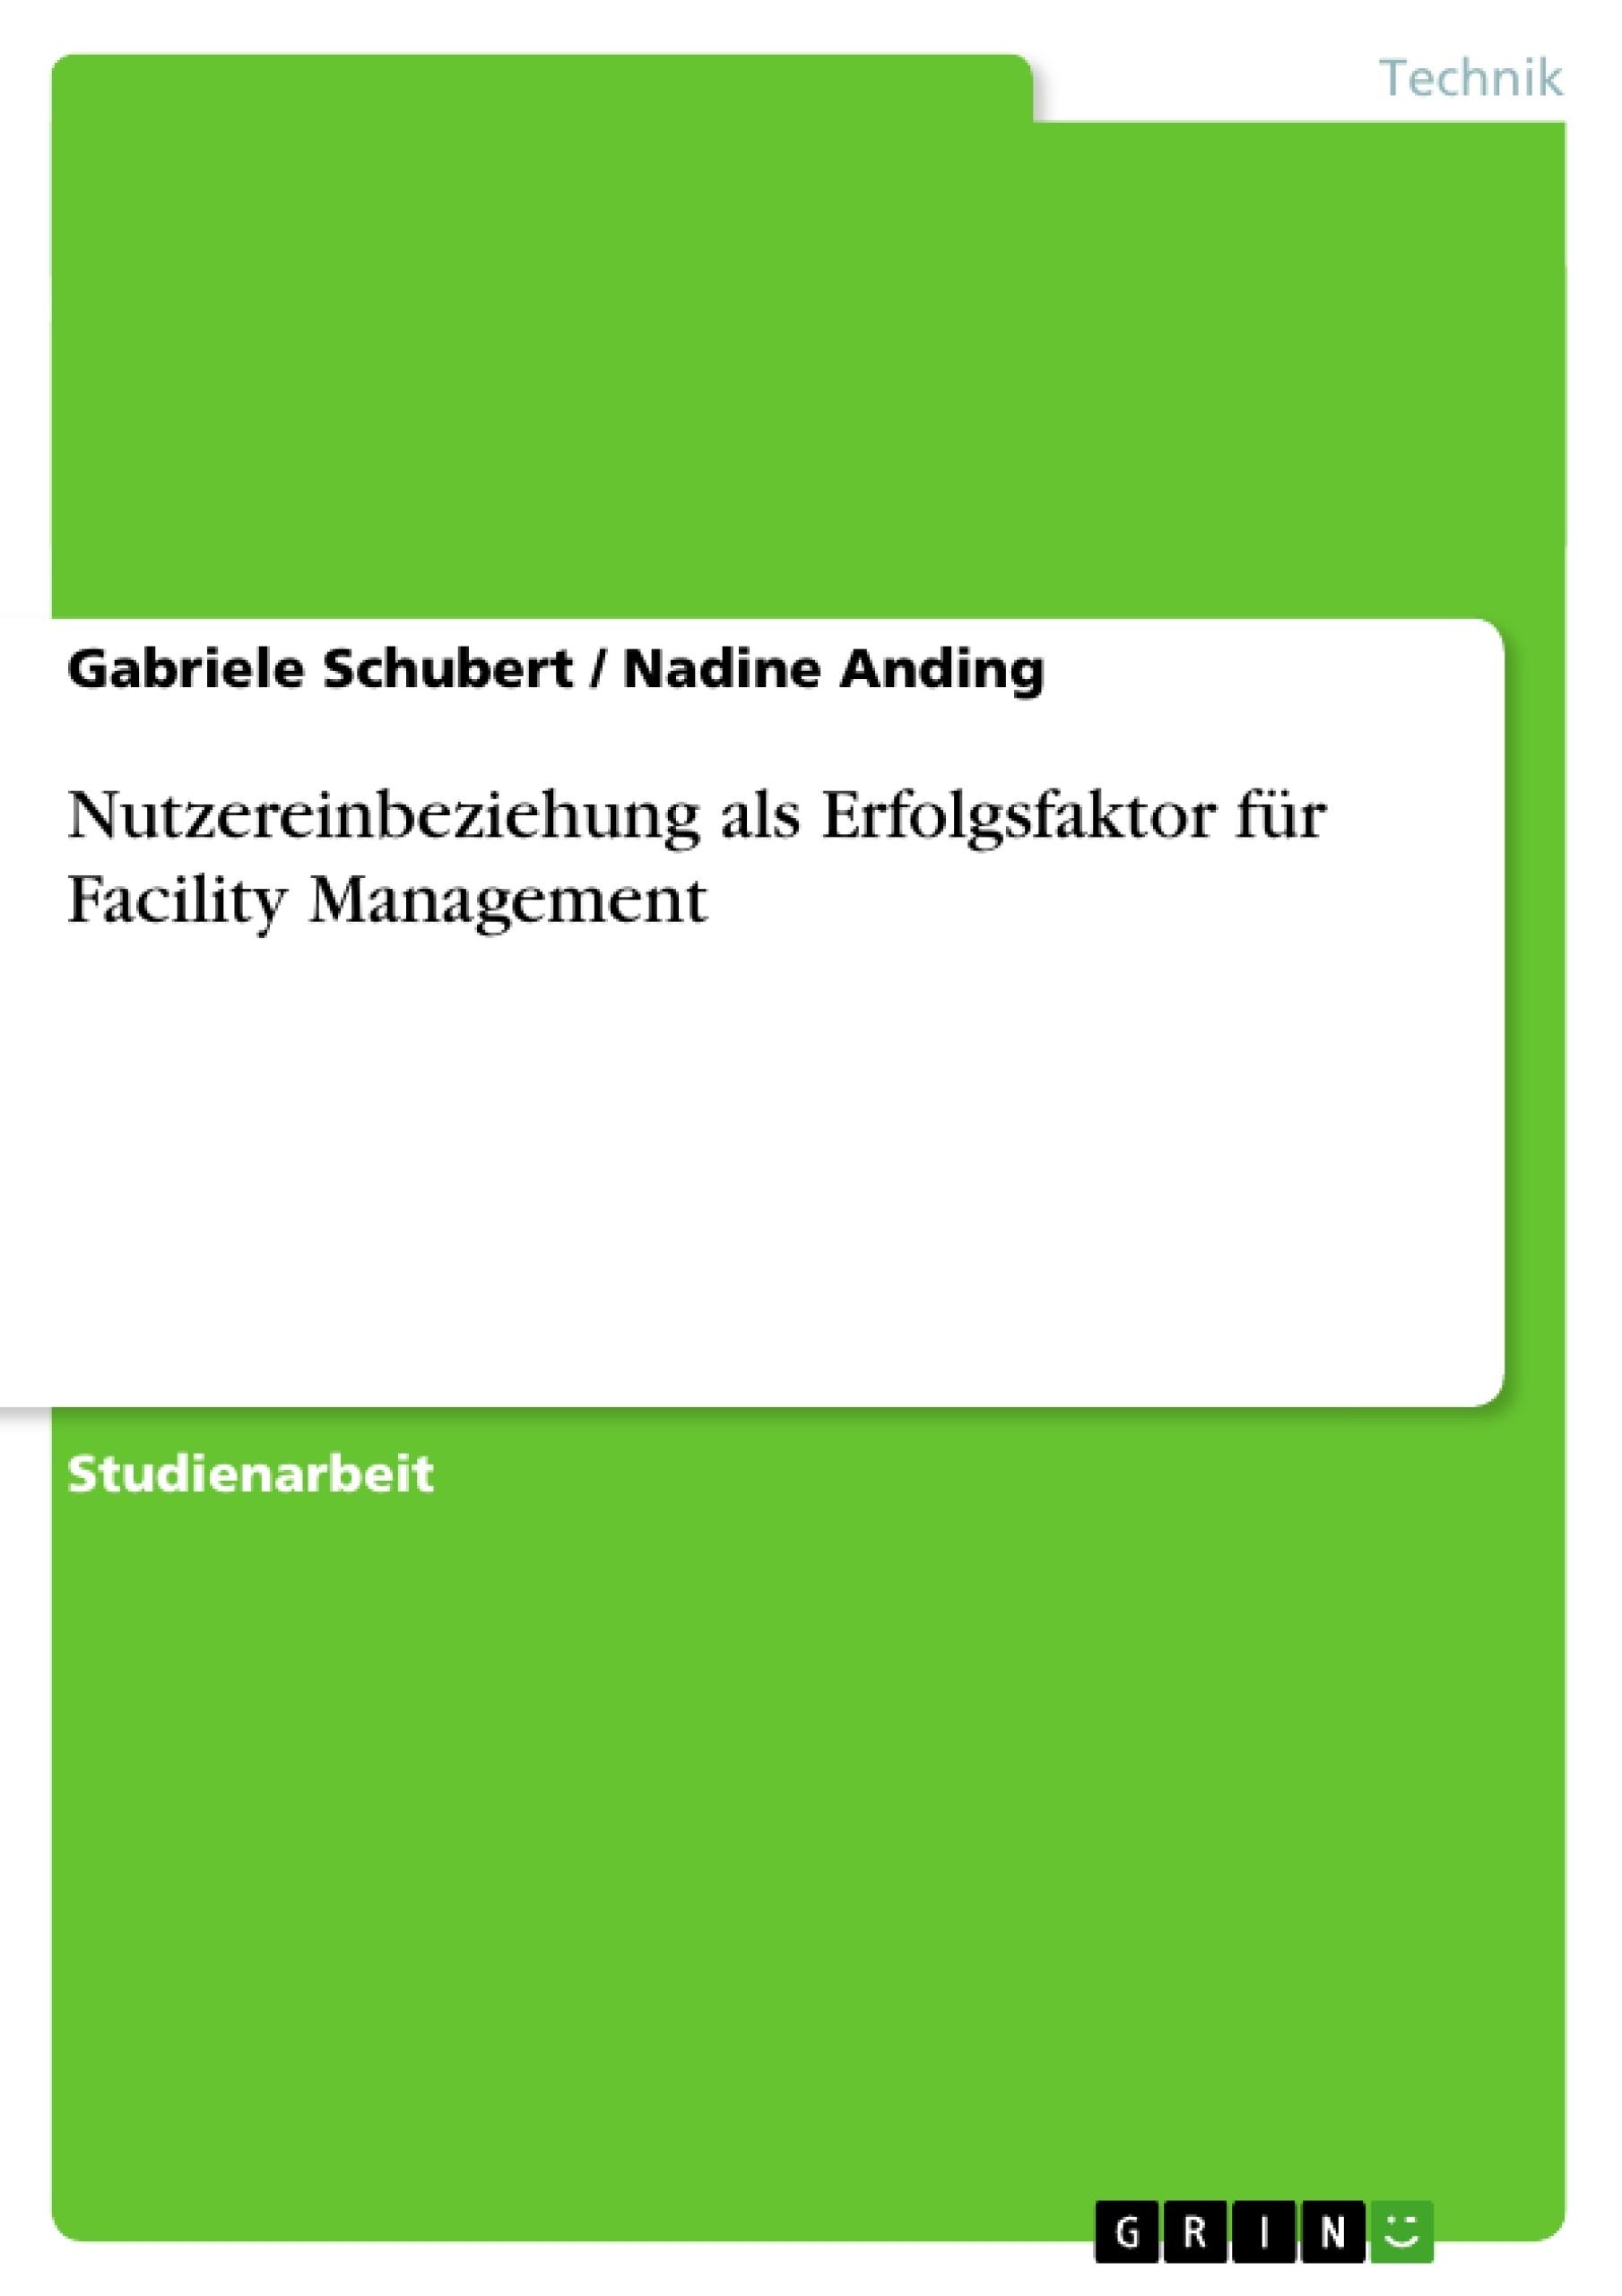 Titel: Nutzereinbeziehung als Erfolgsfaktor für Facility Management